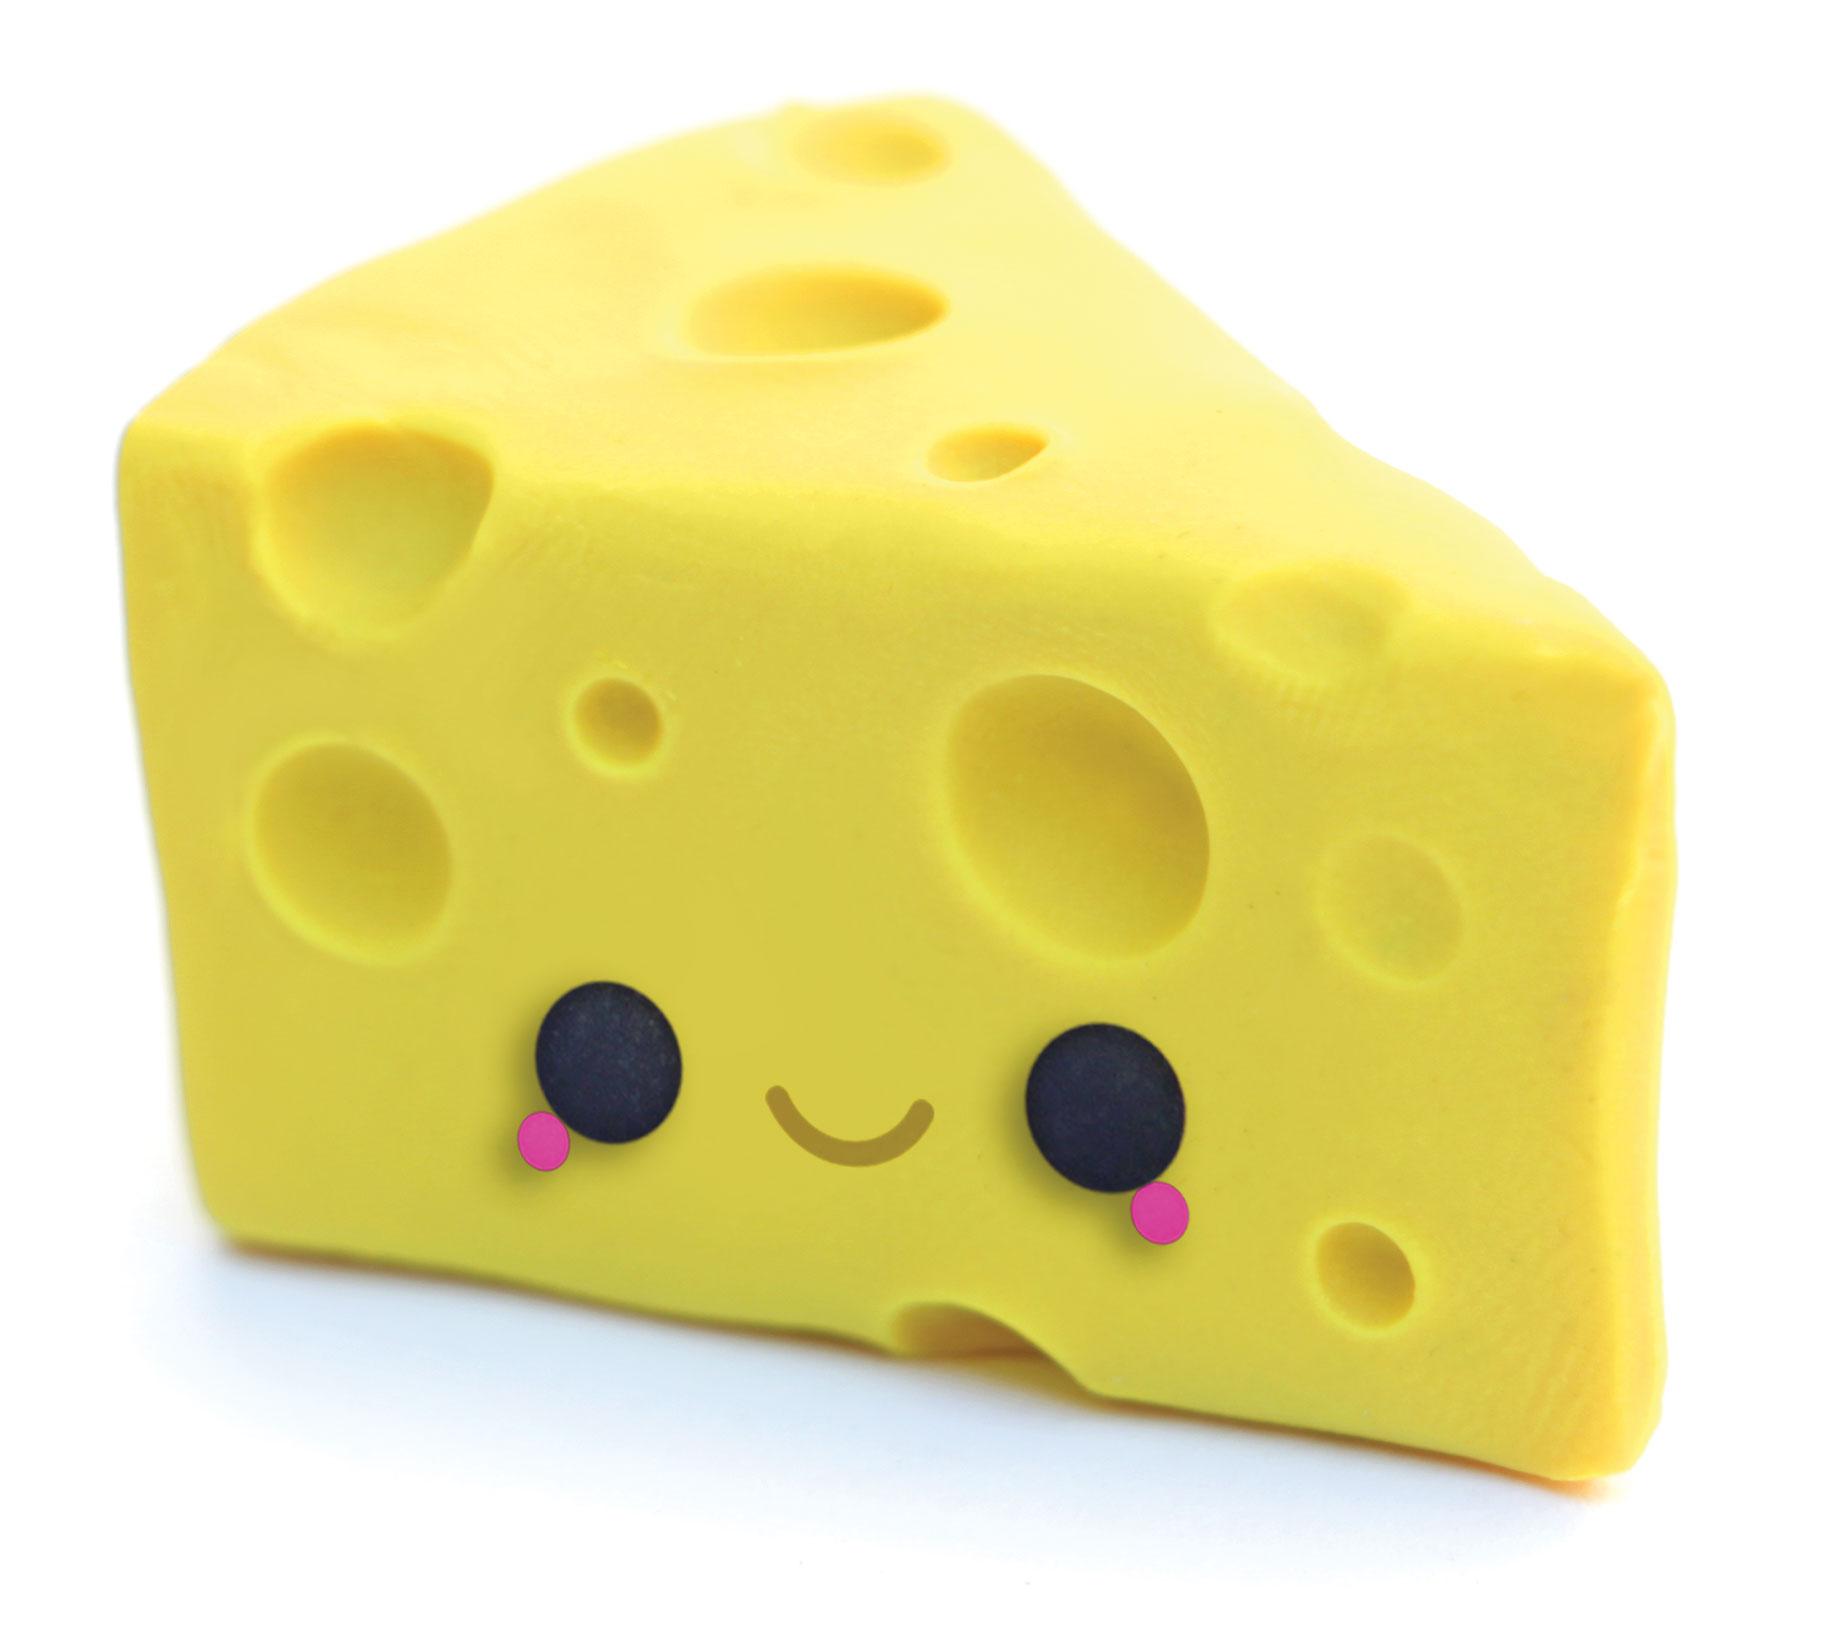 IMAGE-2---cheese.jpg